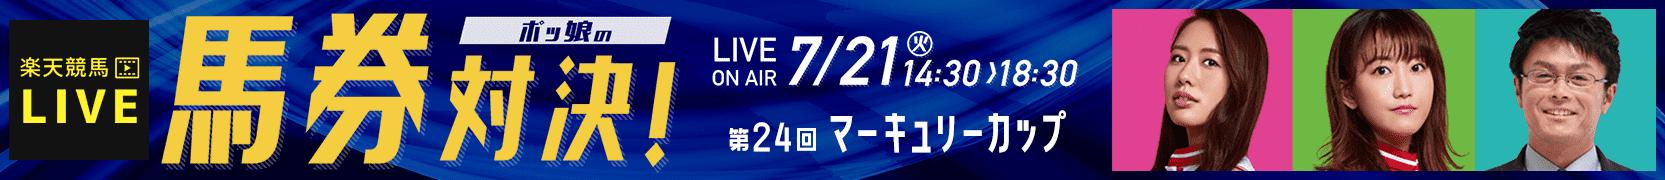 楽天競馬LIVE:ポッ娘の馬券対決(第24回マーキュリーカップ)